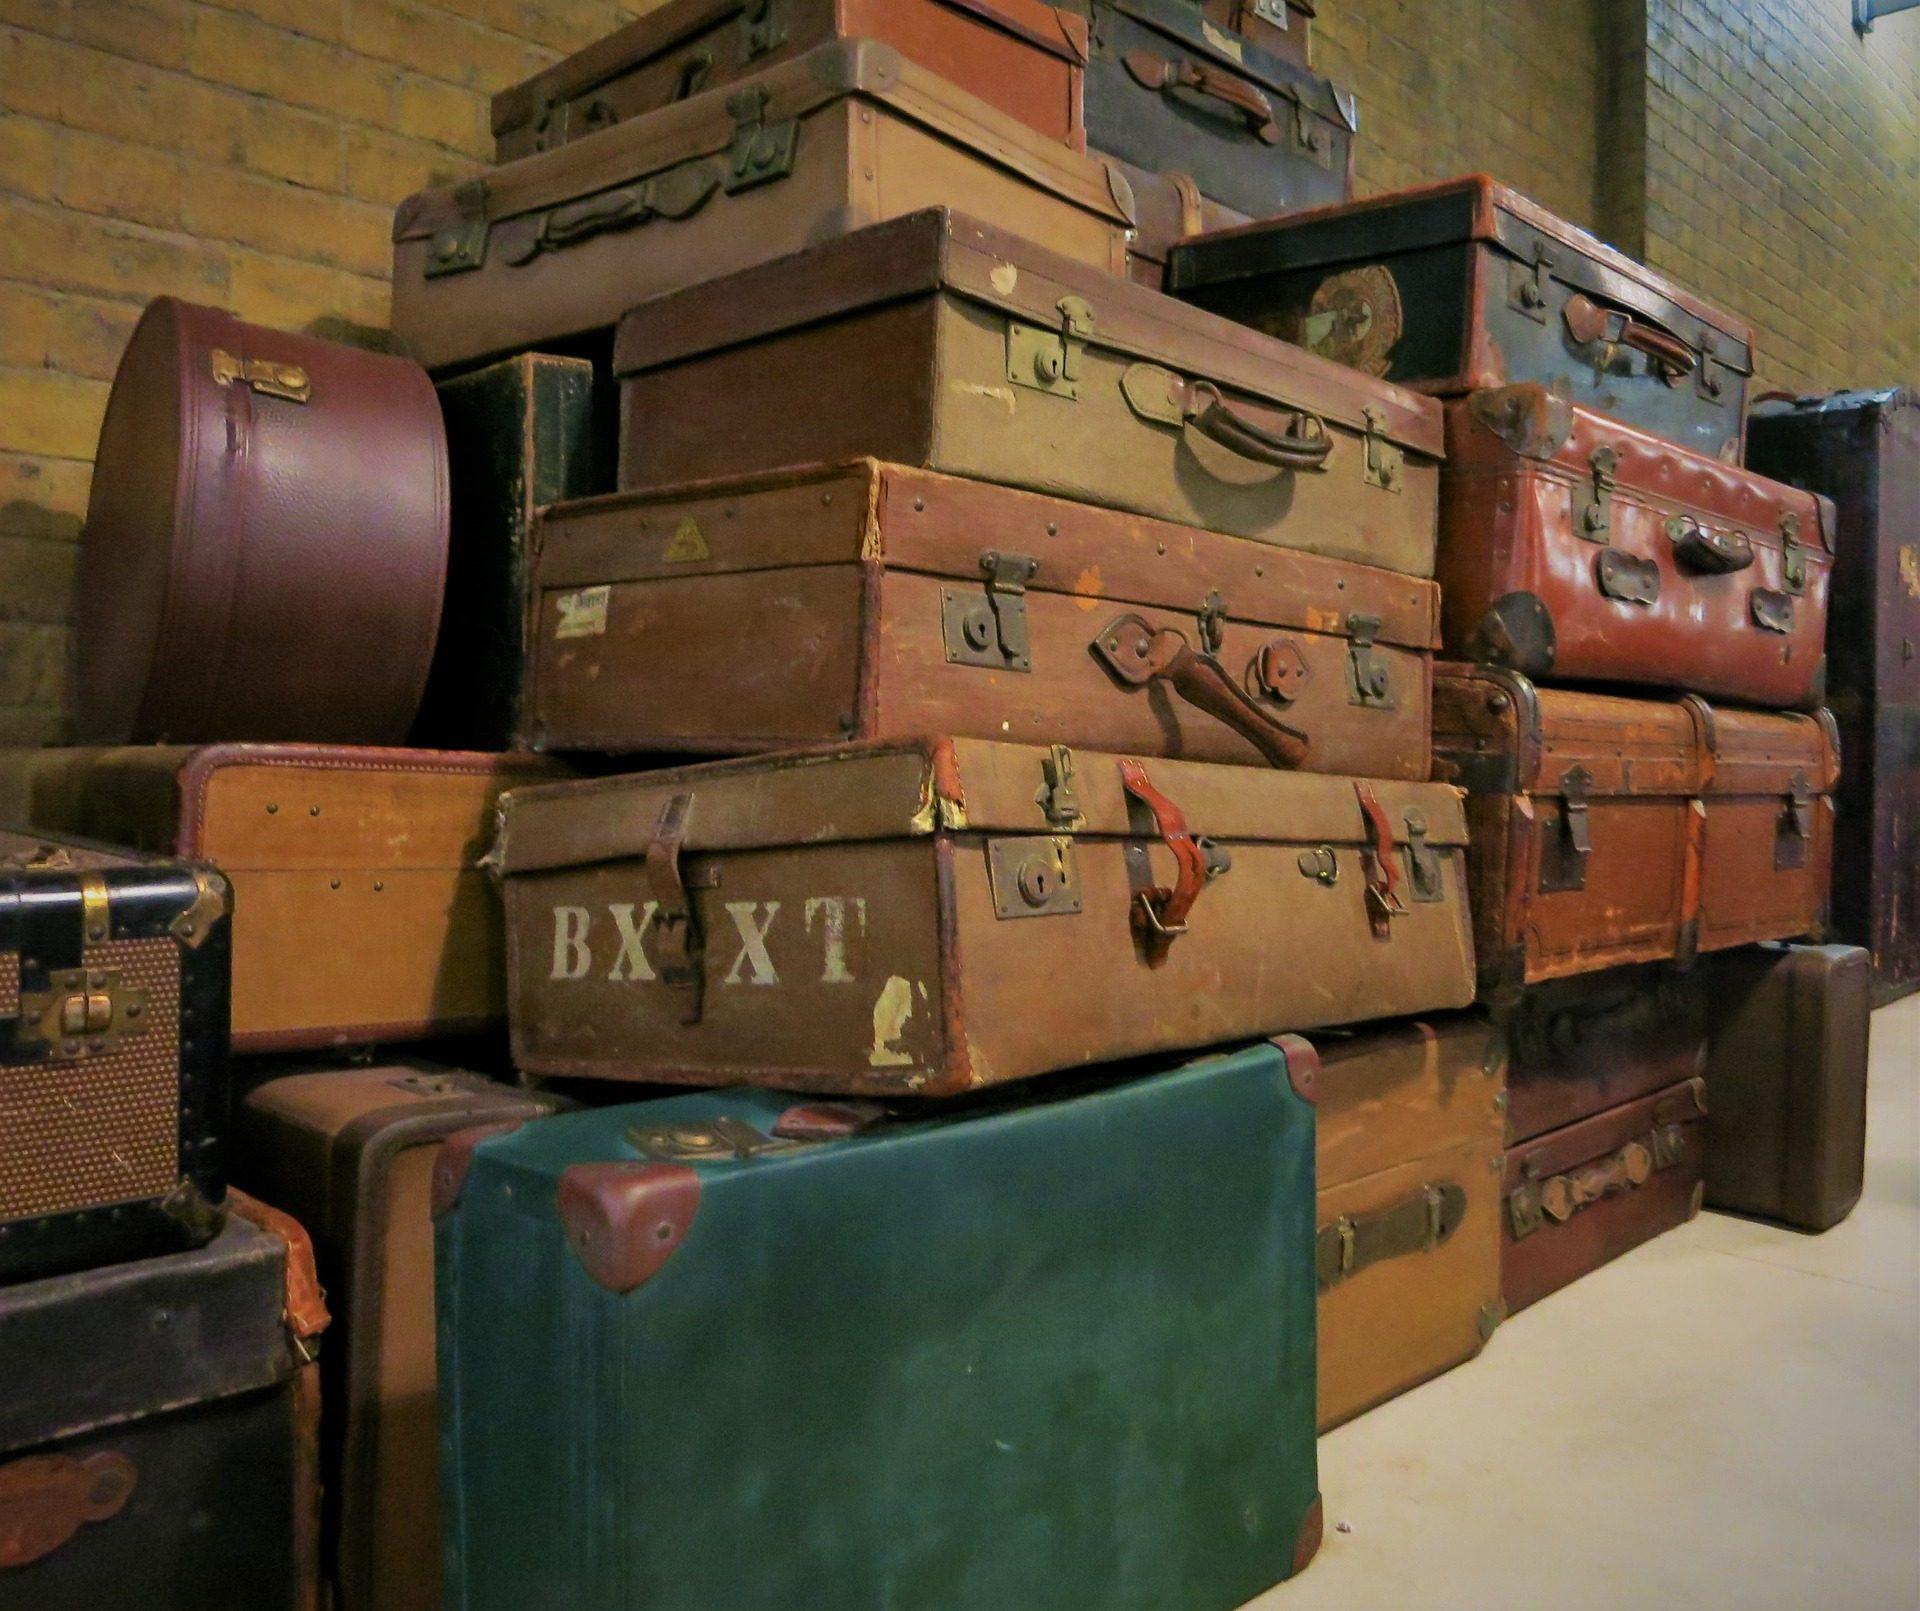 maletas, bagages, vieux, antique, Vintage - Fonds d'écran HD - Professor-falken.com